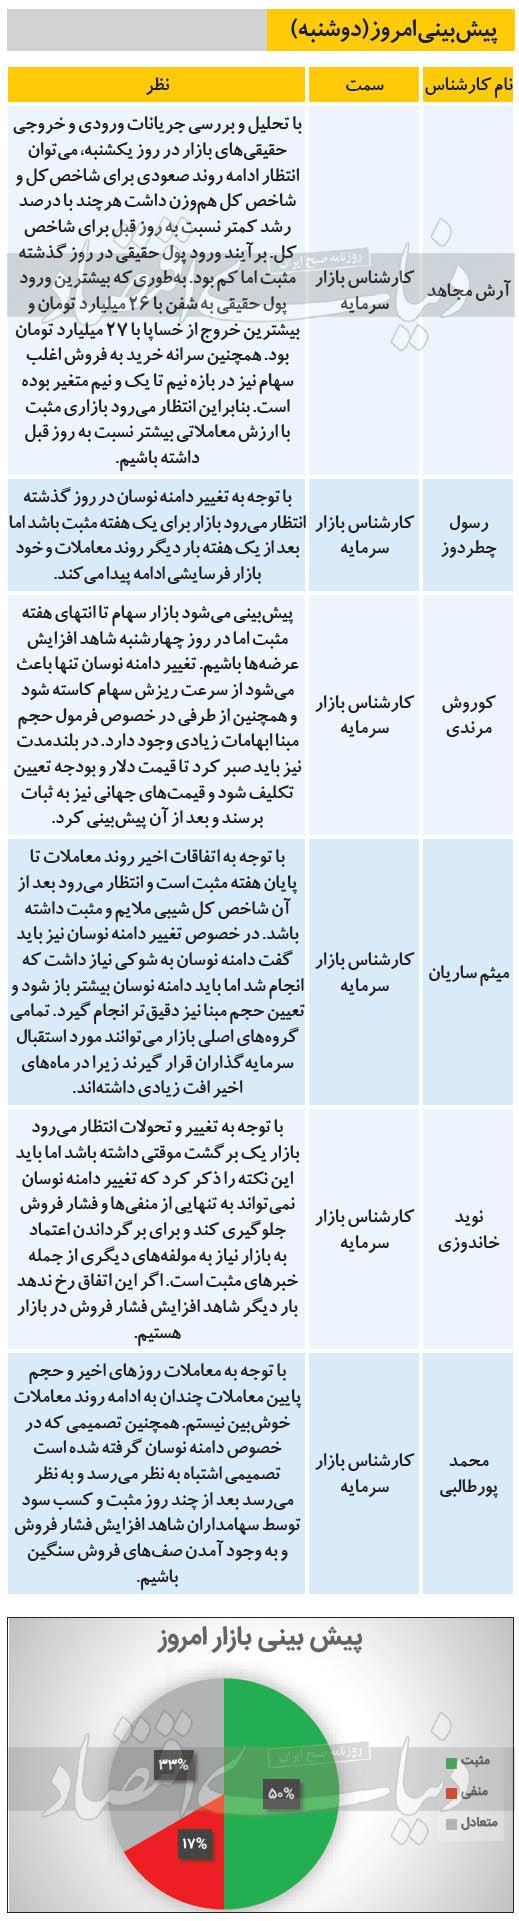 پیش بینی 6 کارشناس در مورد وضعیت امروز بورس 20 بهمن 99